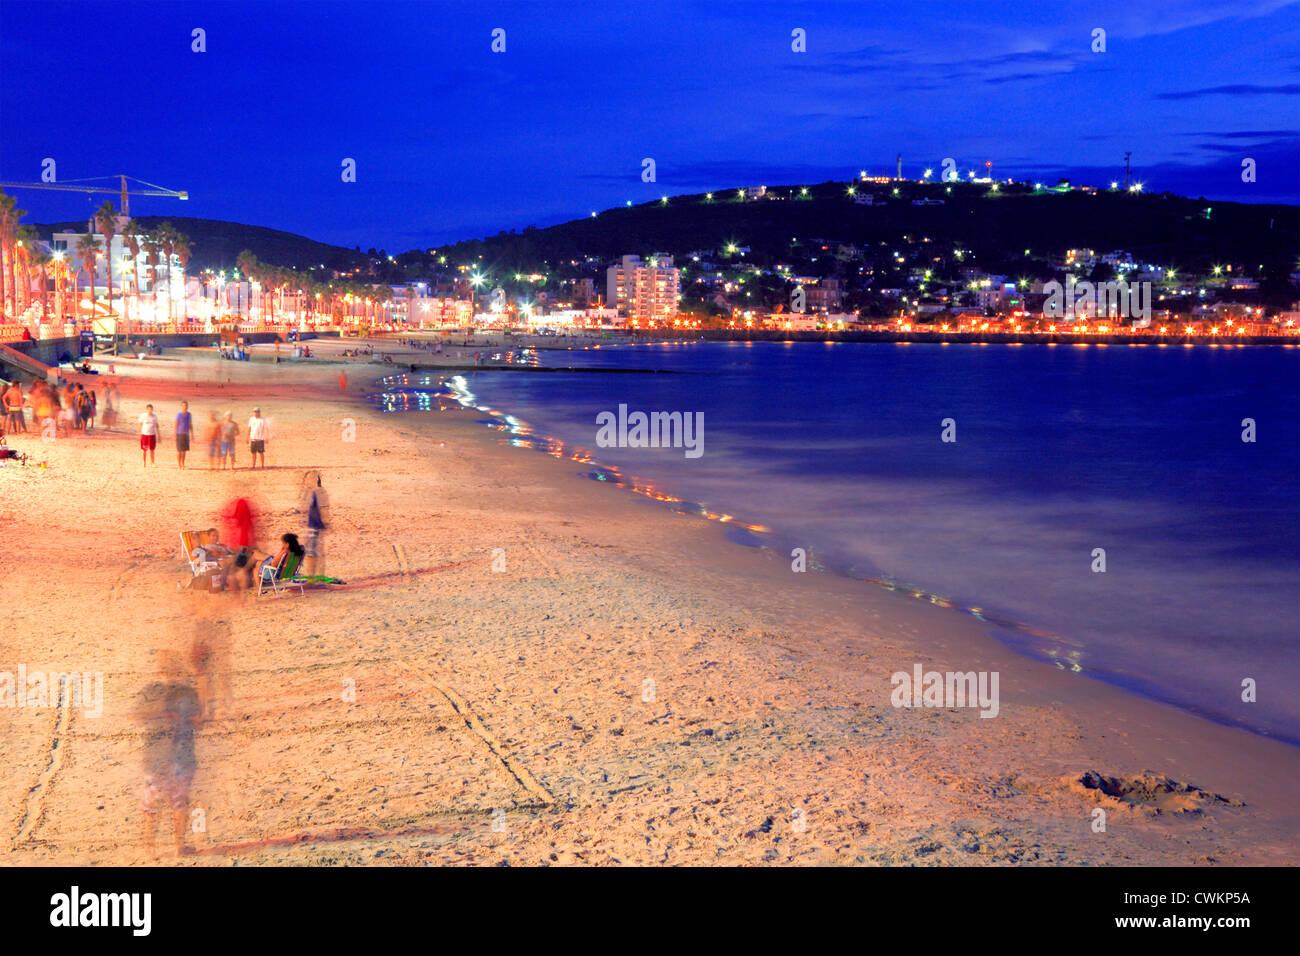 Piriapolis port et plage au coucher du soleil ou au crépuscule. Maldonado, Uruguay. Photo Stock